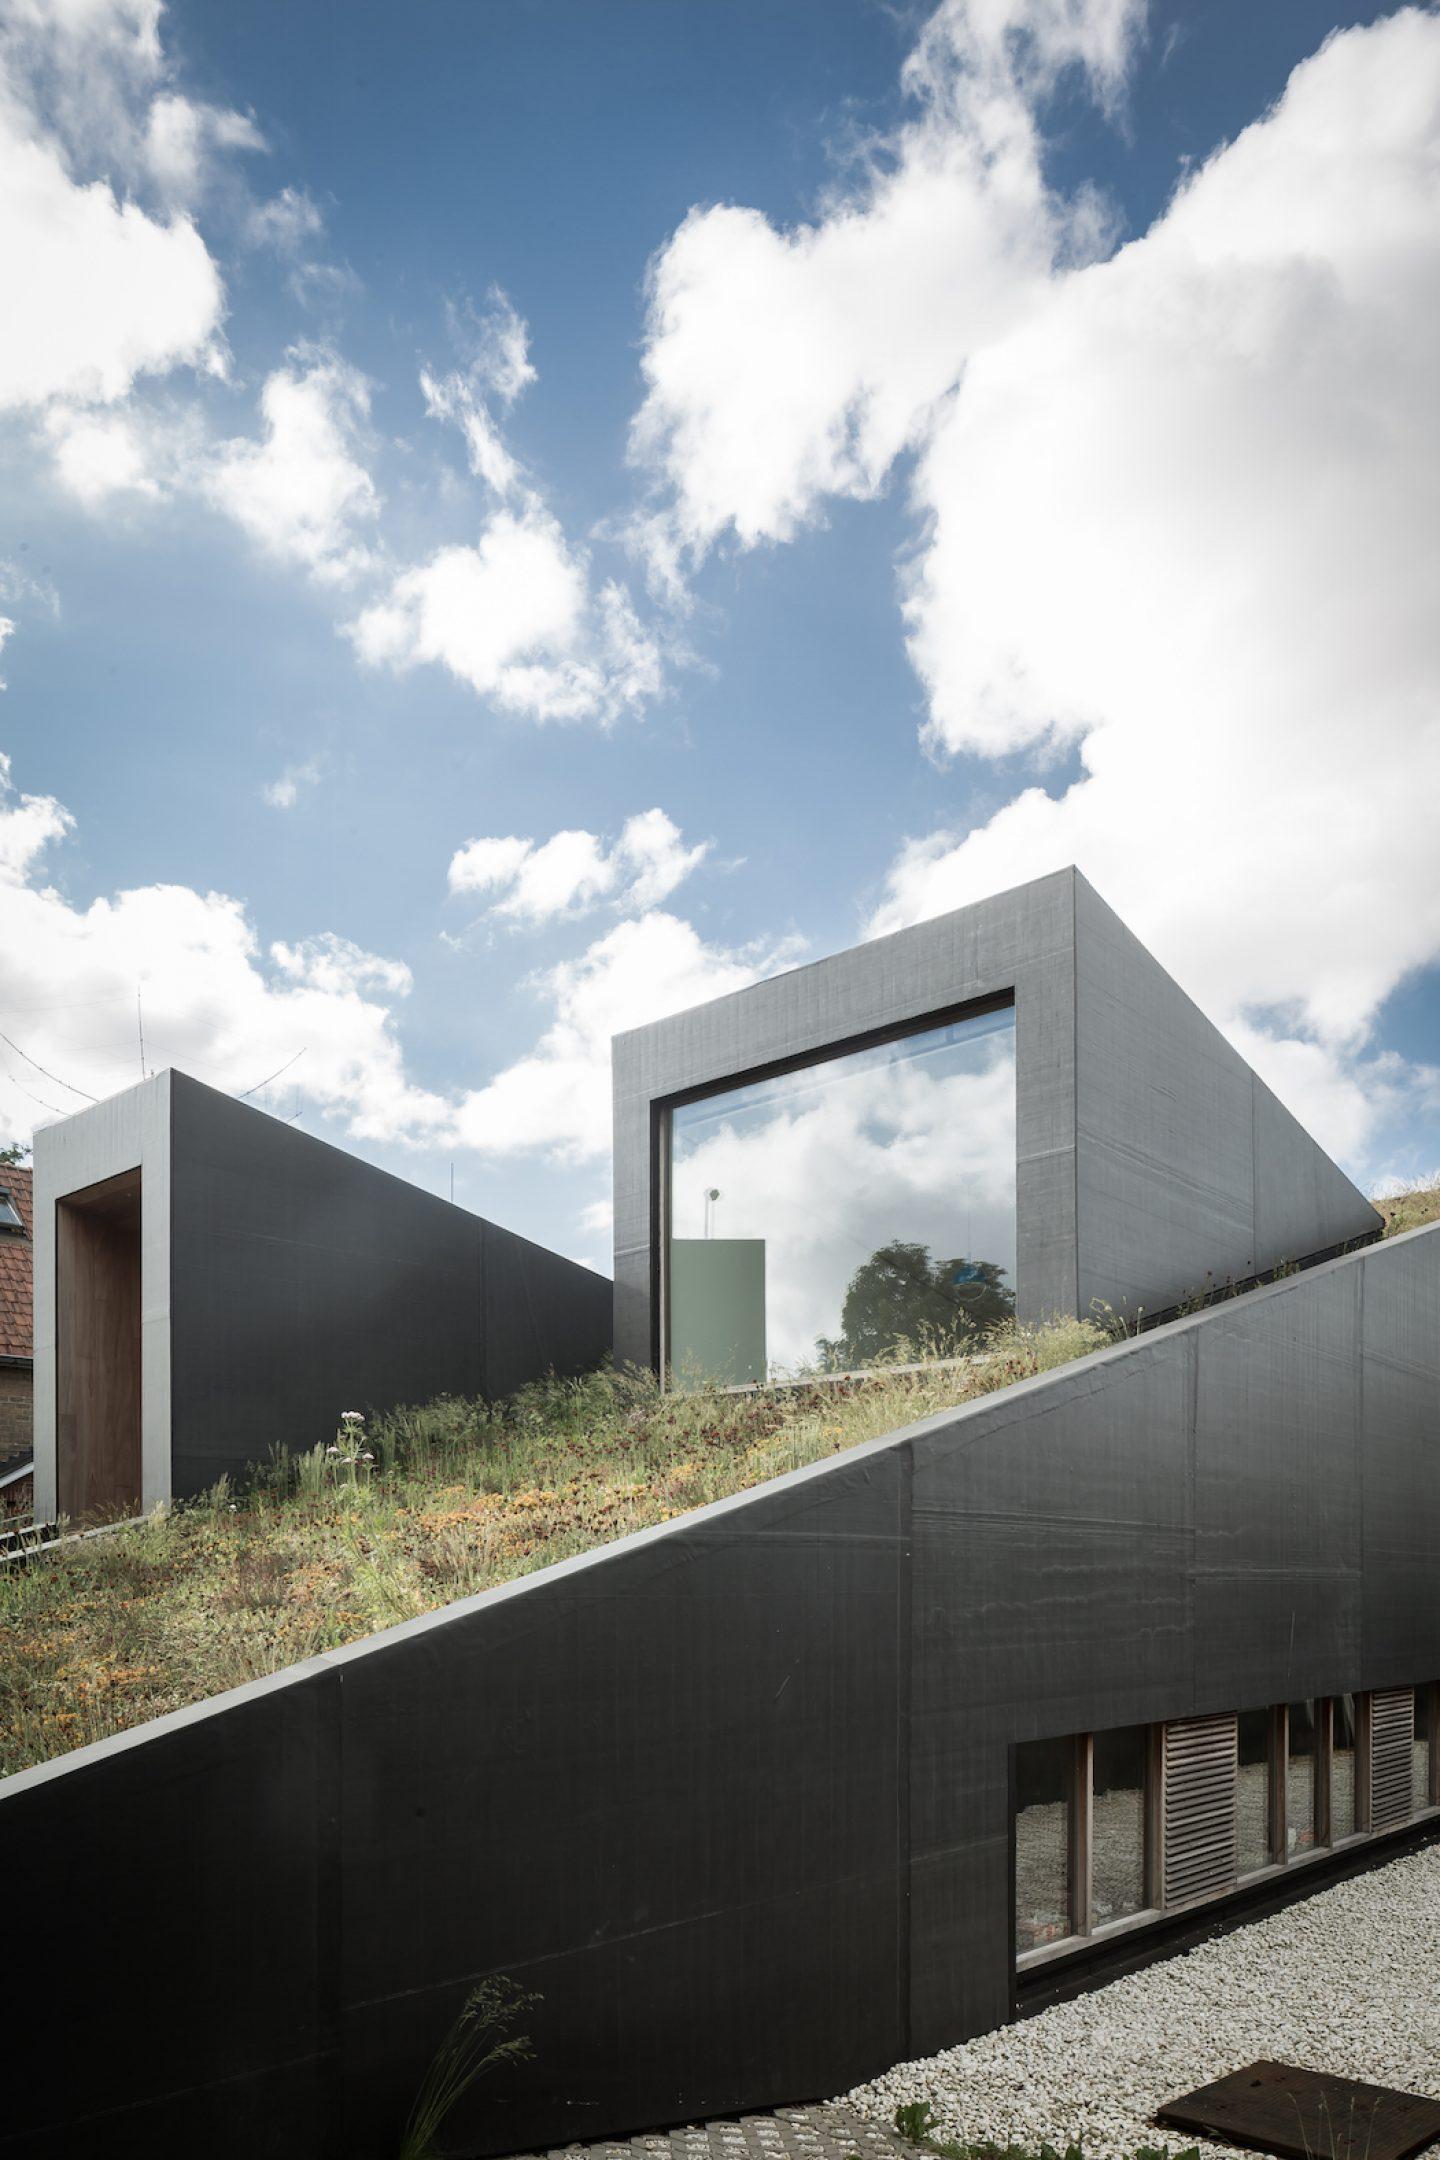 oyo_architecture_013